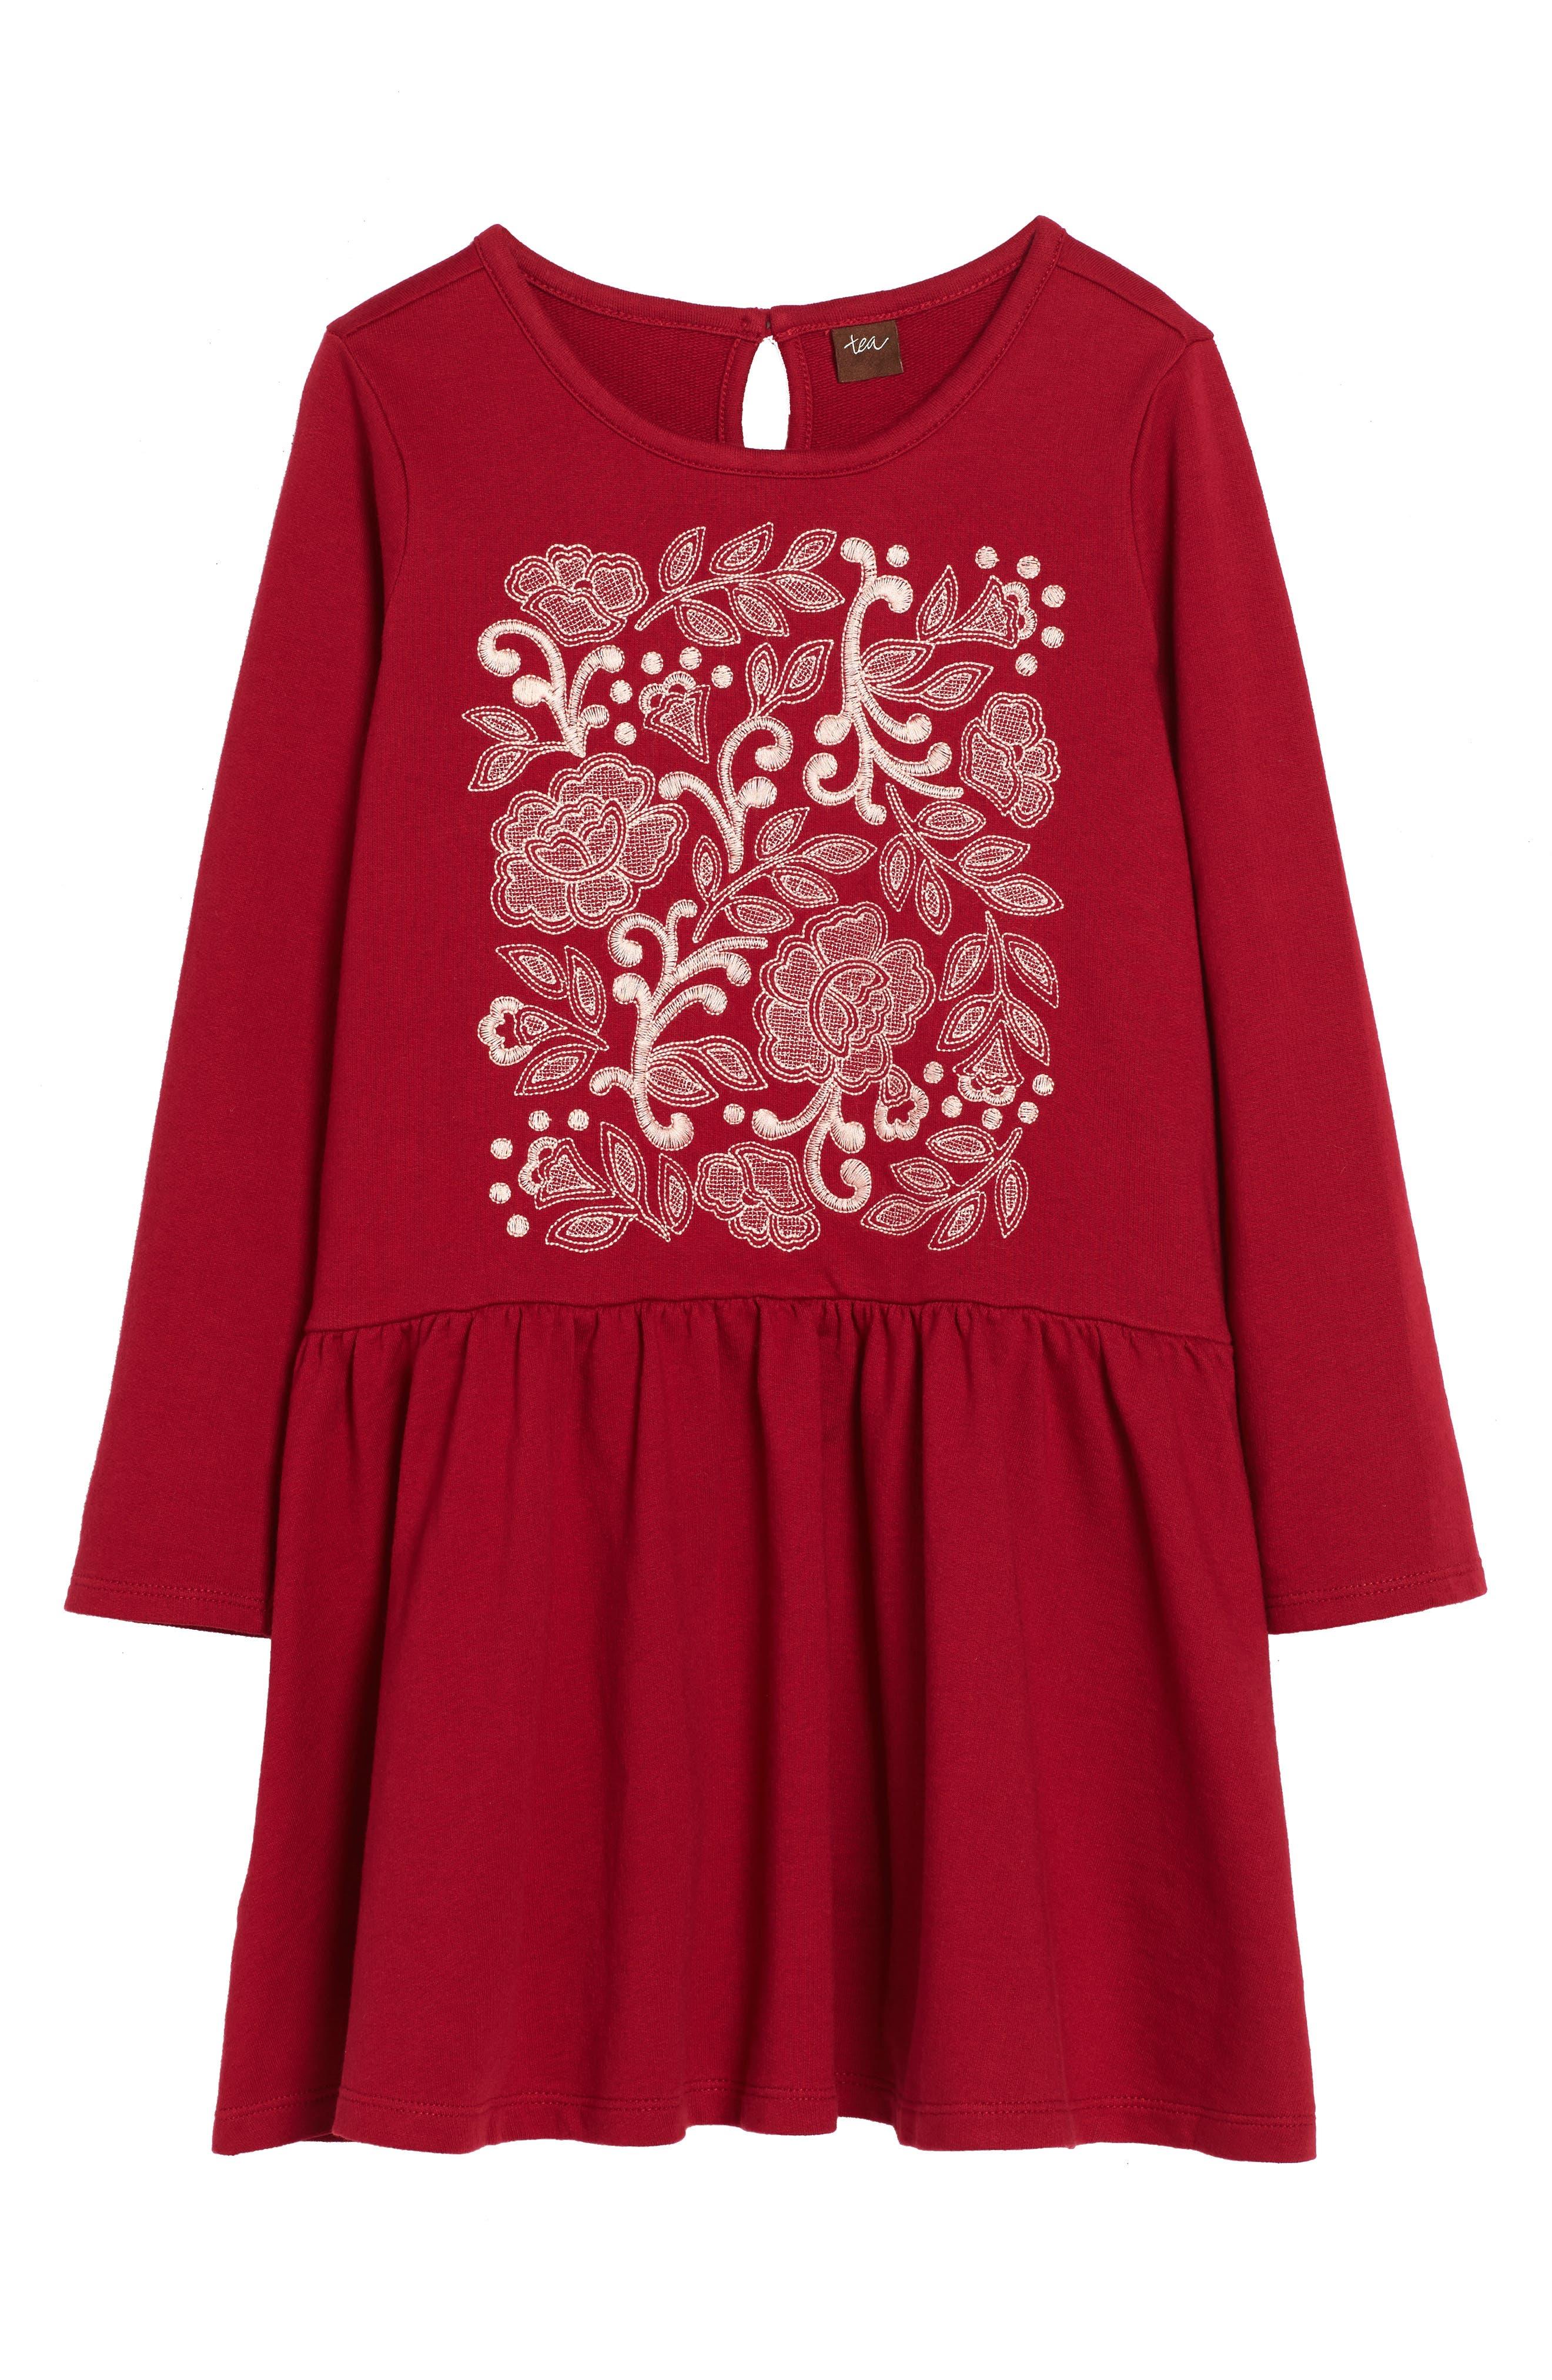 Tea Collection Feather & Fan Embroidered Drop Waist Dress (Toddler Girls, Little Girls & Big Girls)